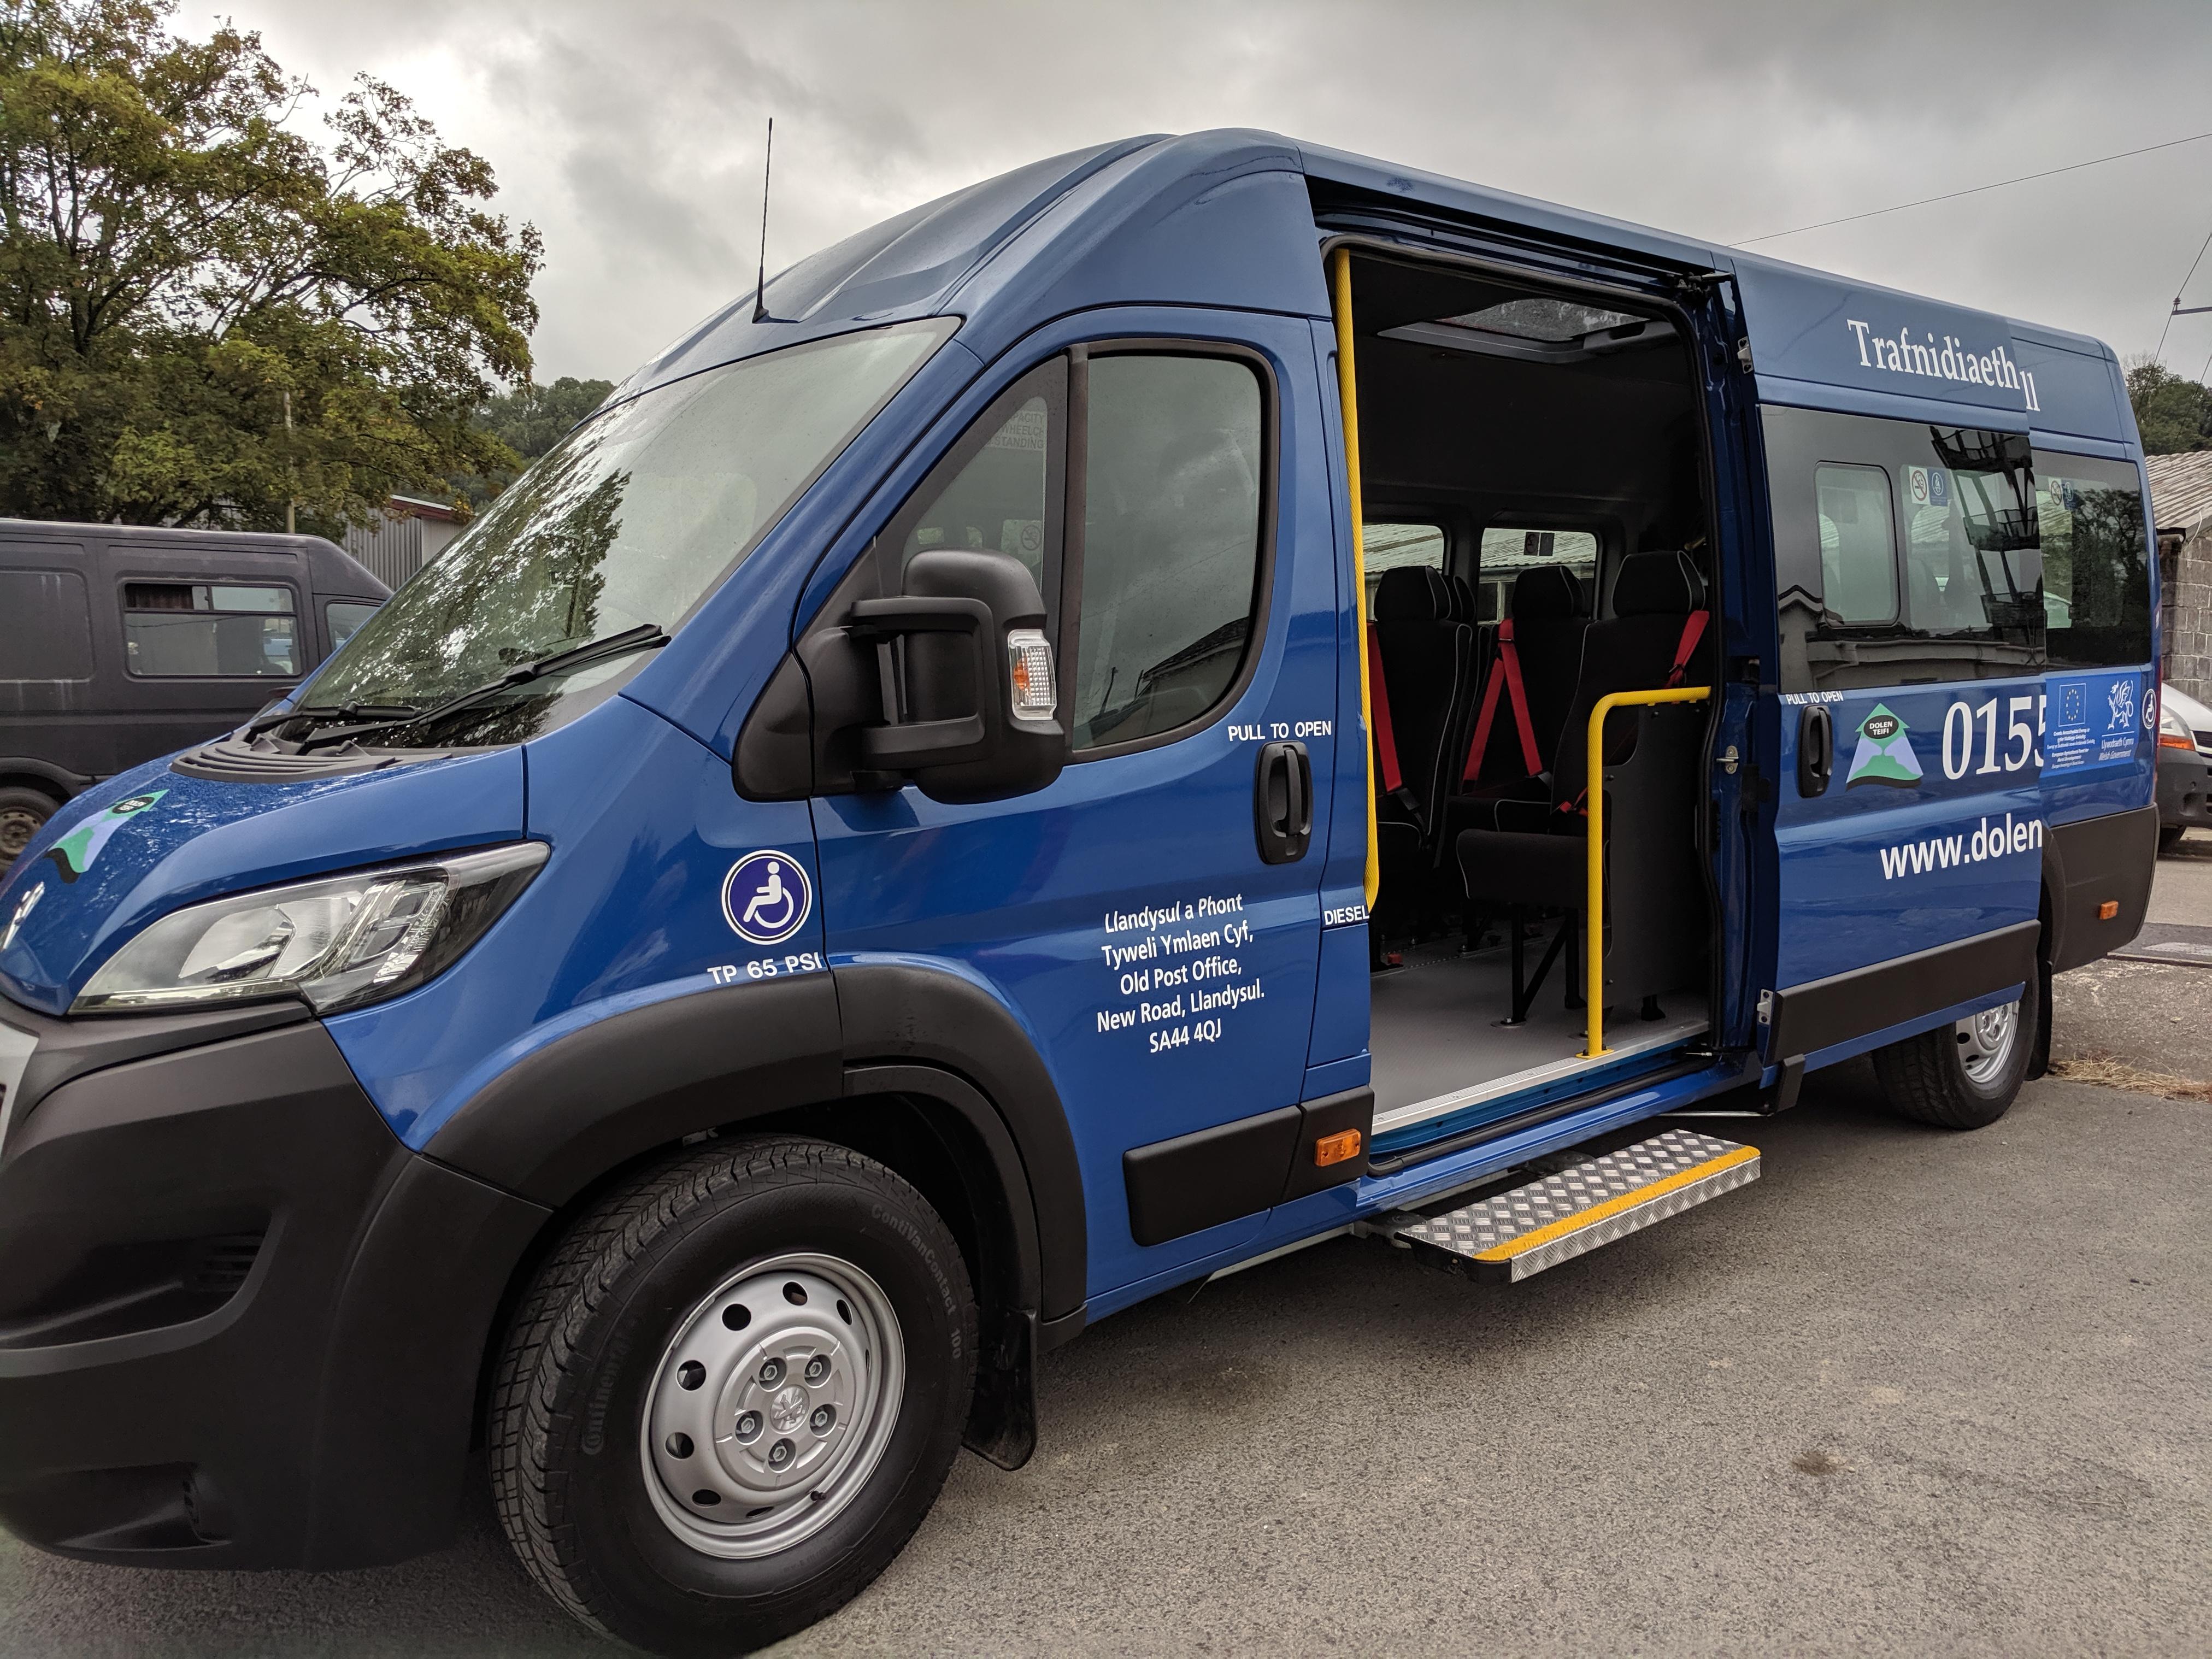 Side view of blue minibus, with door open.